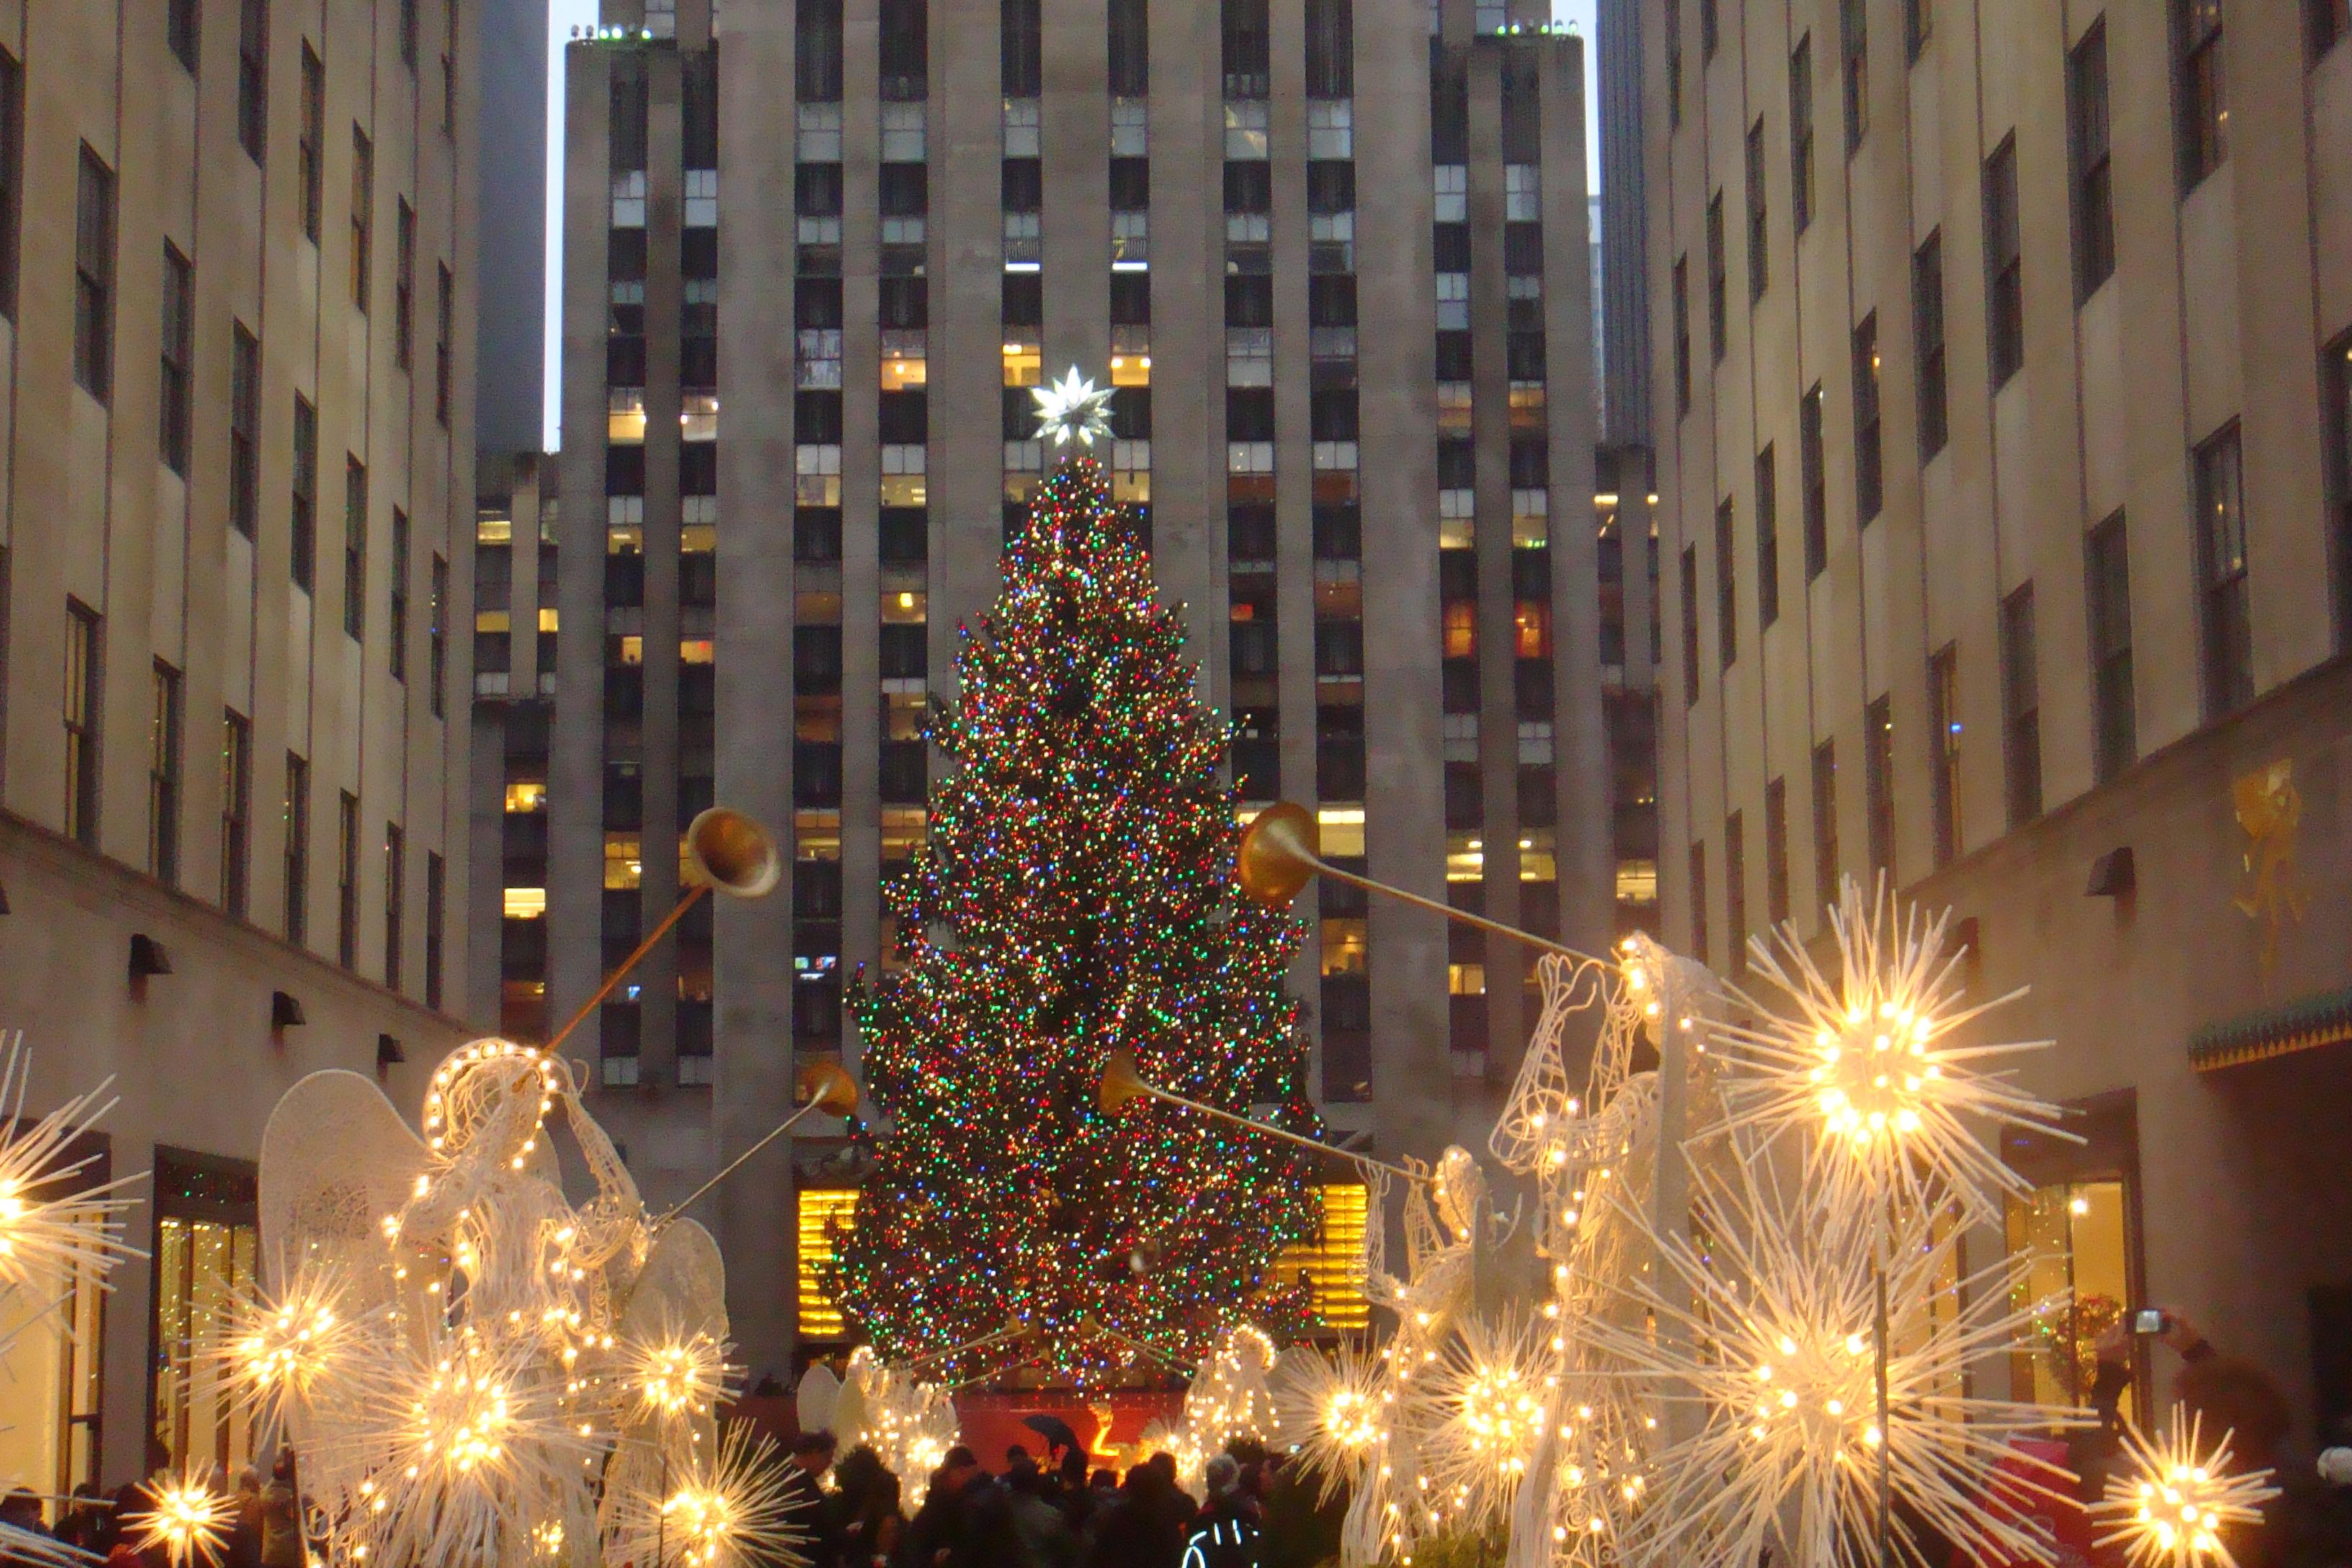 Rockefeller center tree ny 2012 by laur720